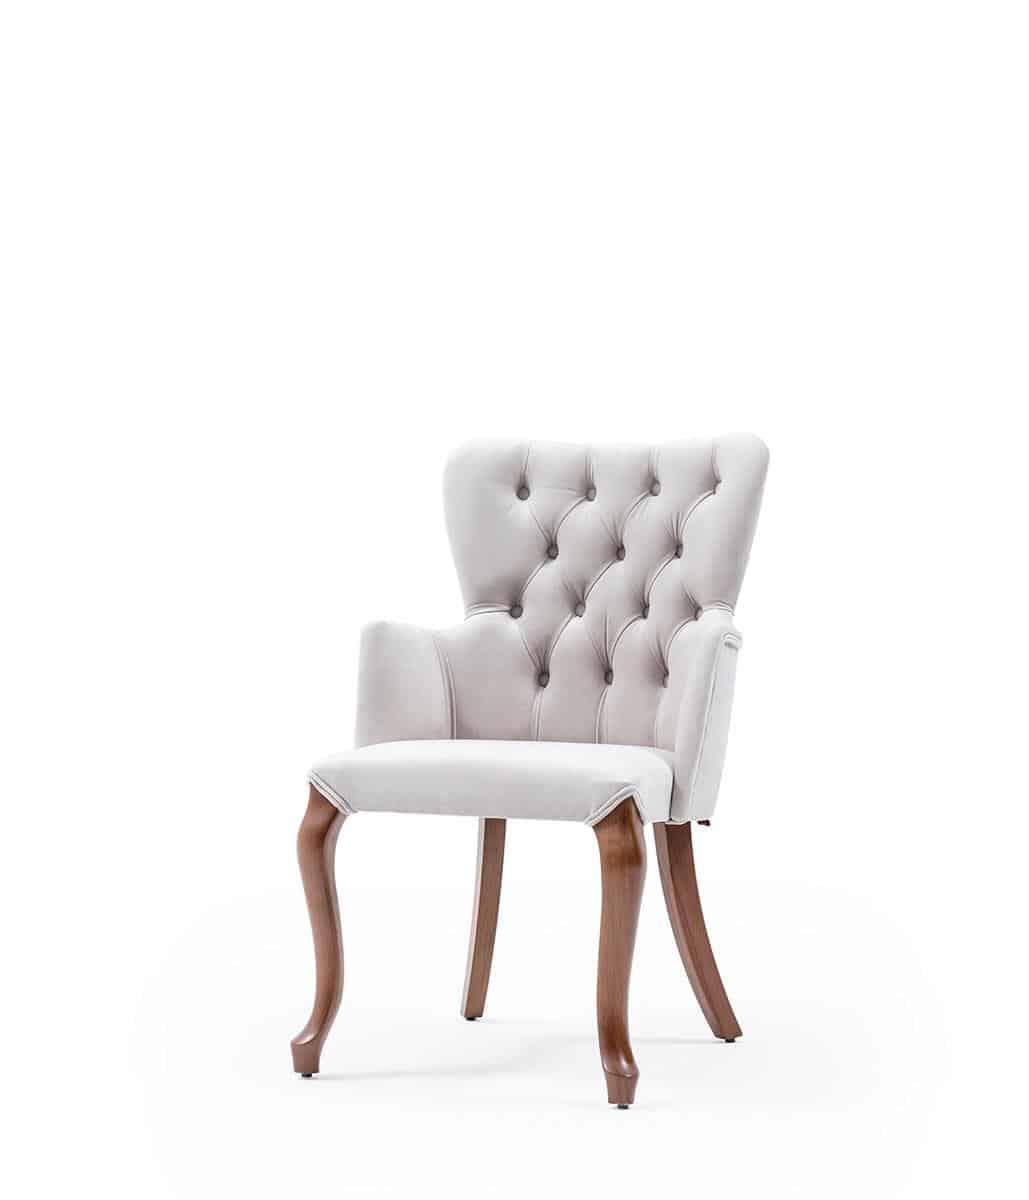 urun-monza-sandalye-01